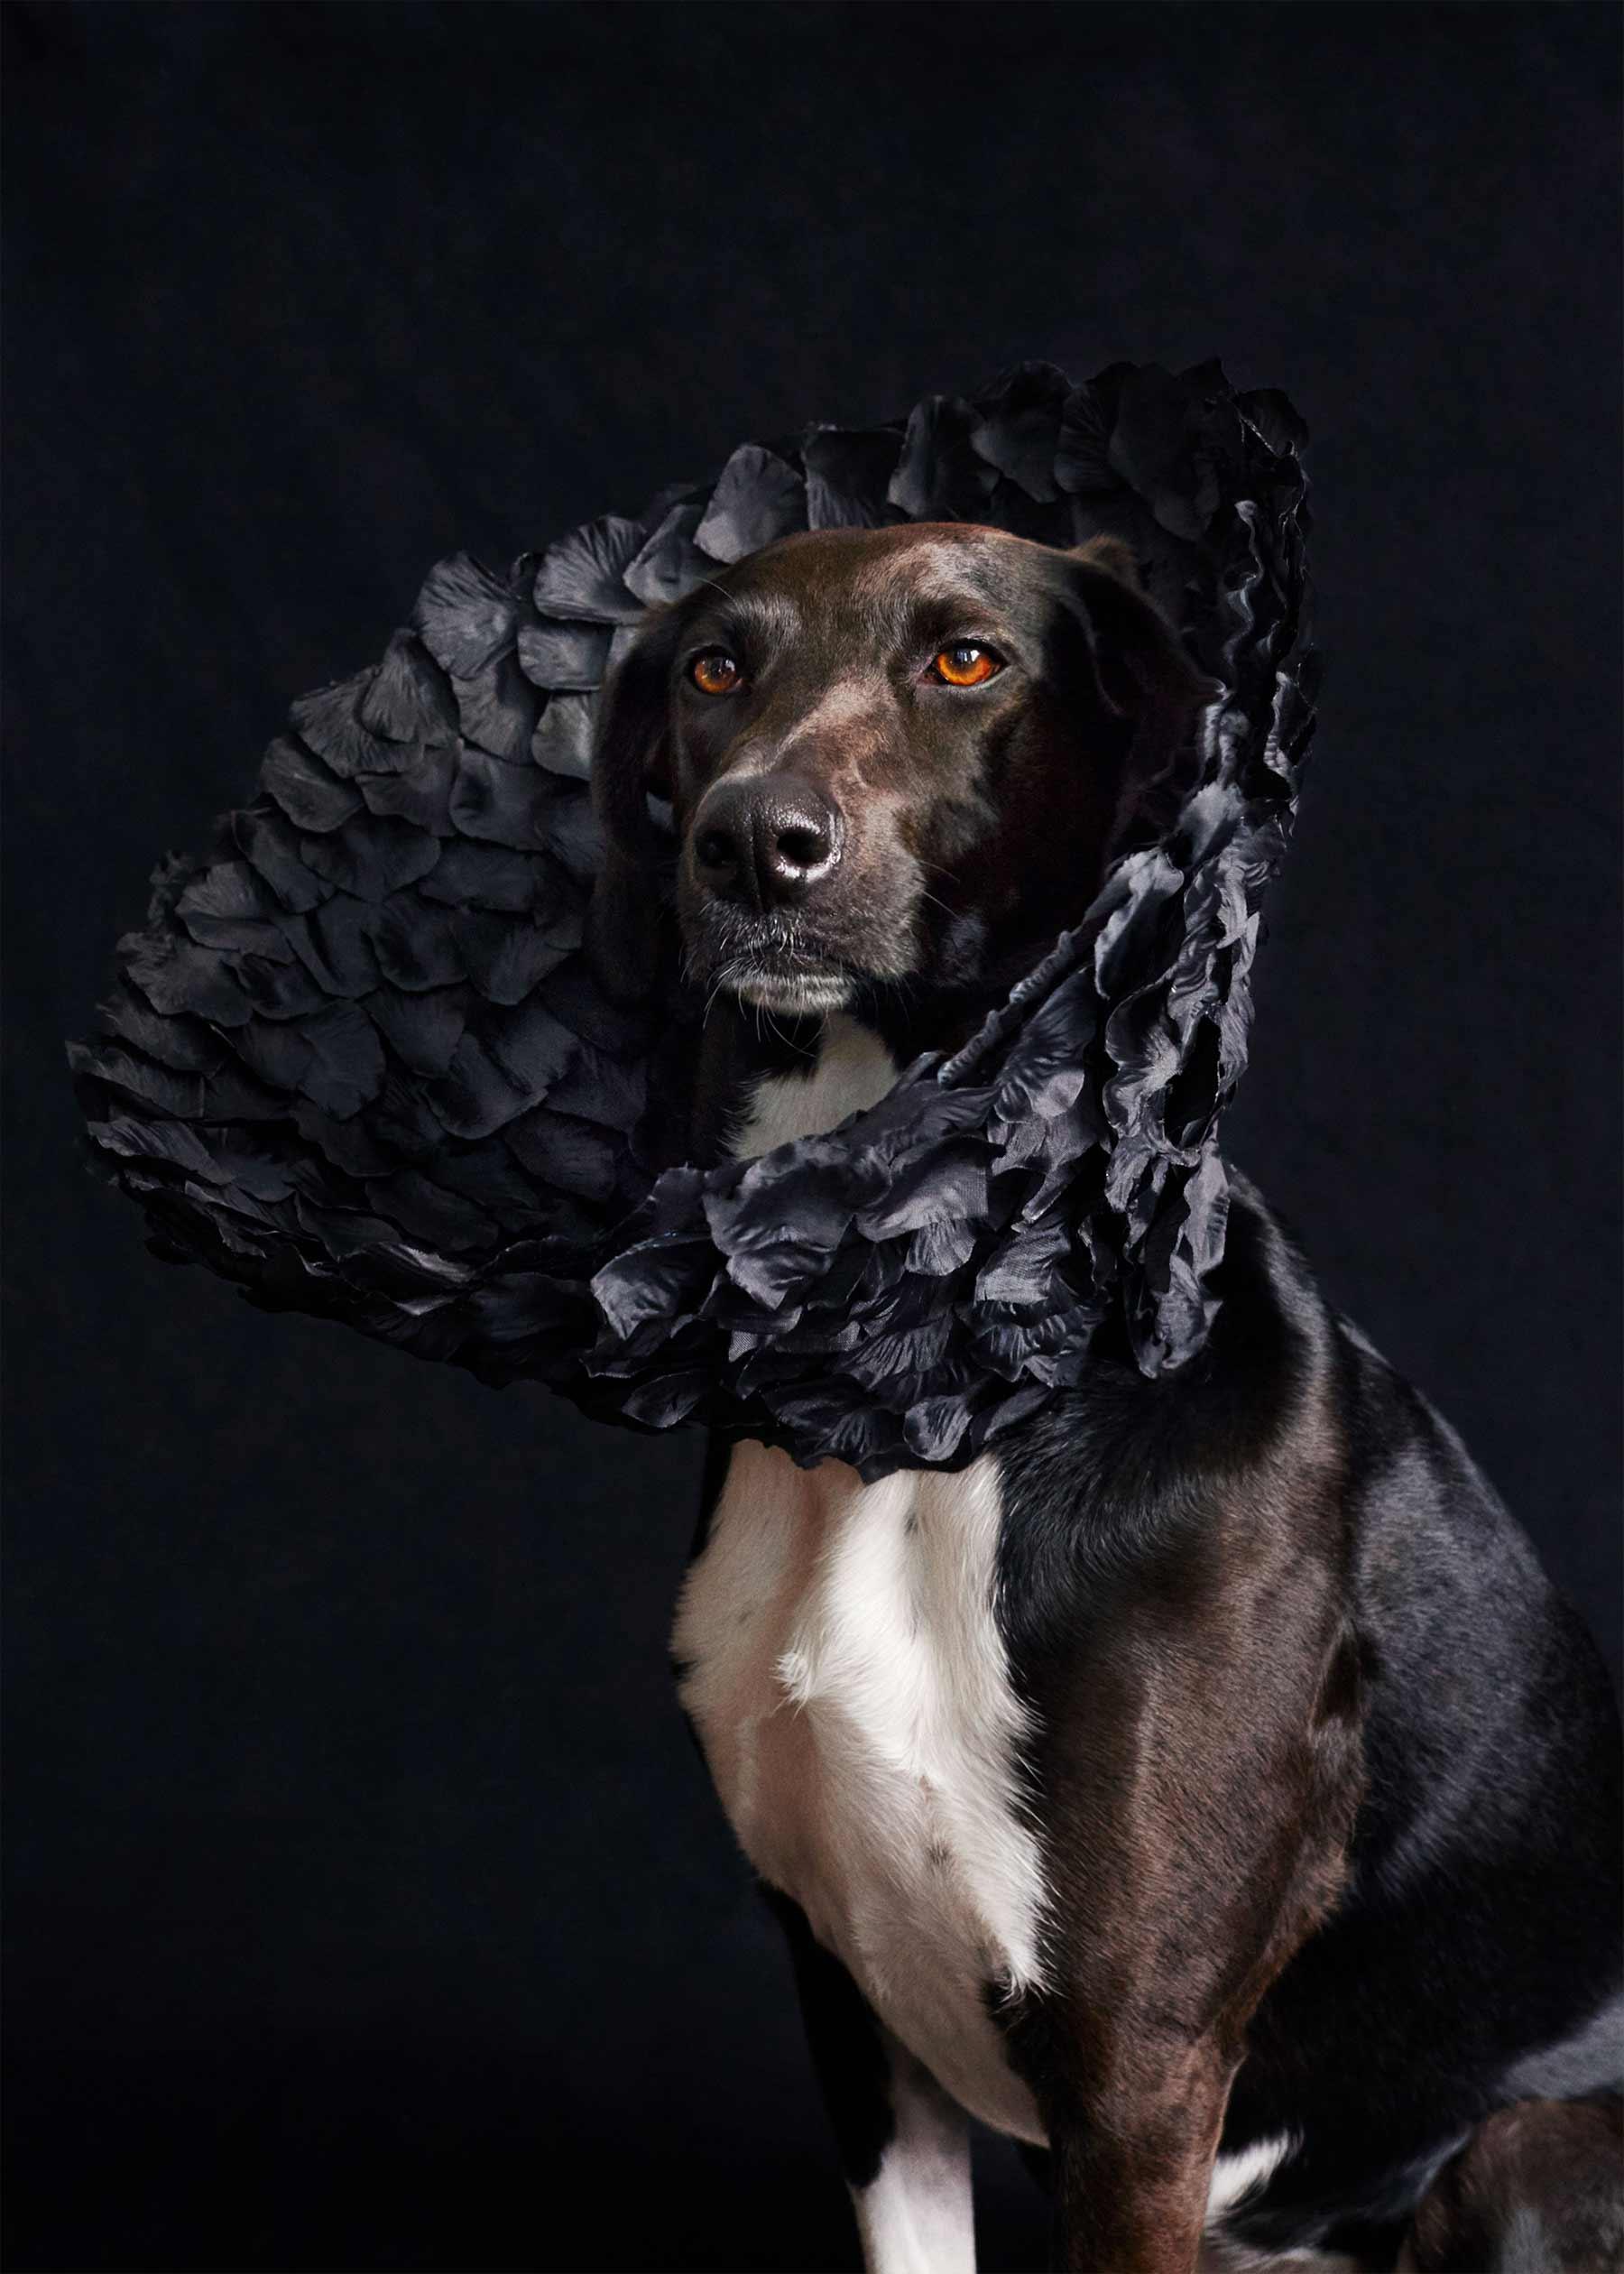 Ausgefallene Schutzkragen für Hunde cone-of-shame-winnie-au-Marie-yan-morvan_02